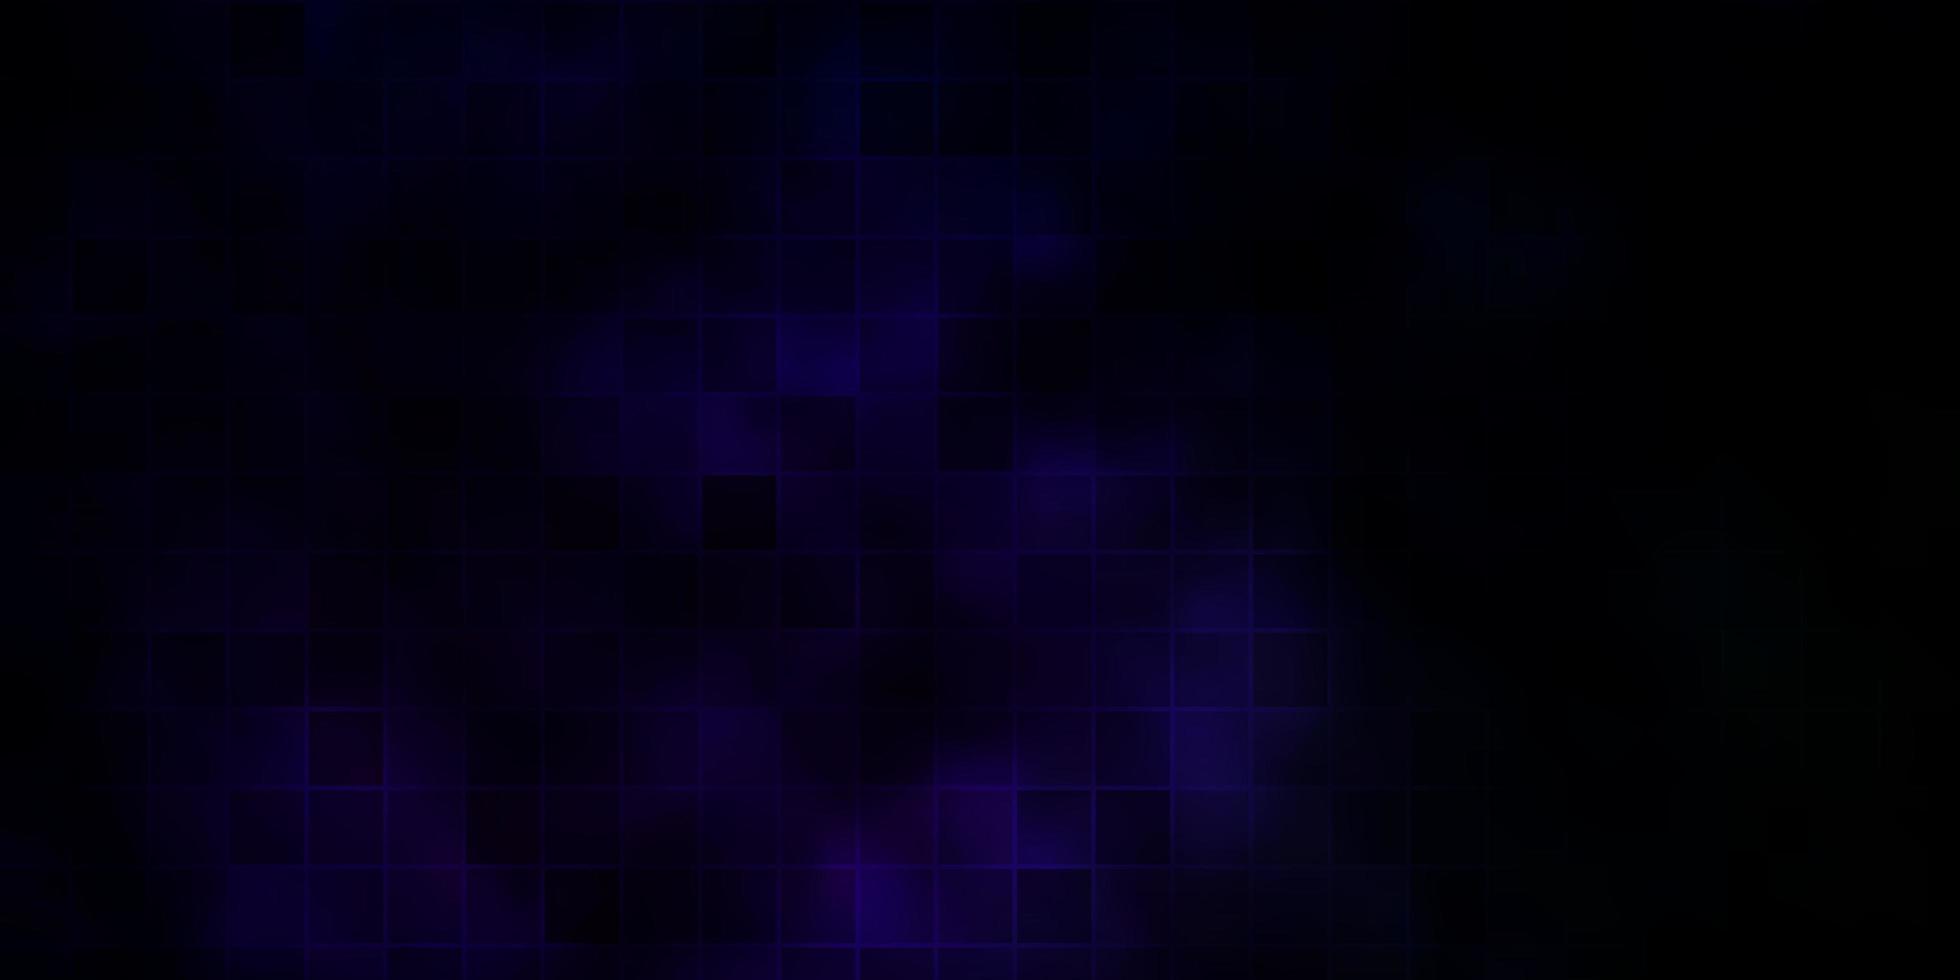 mörkblå bakgrund i polygonal stil vektor